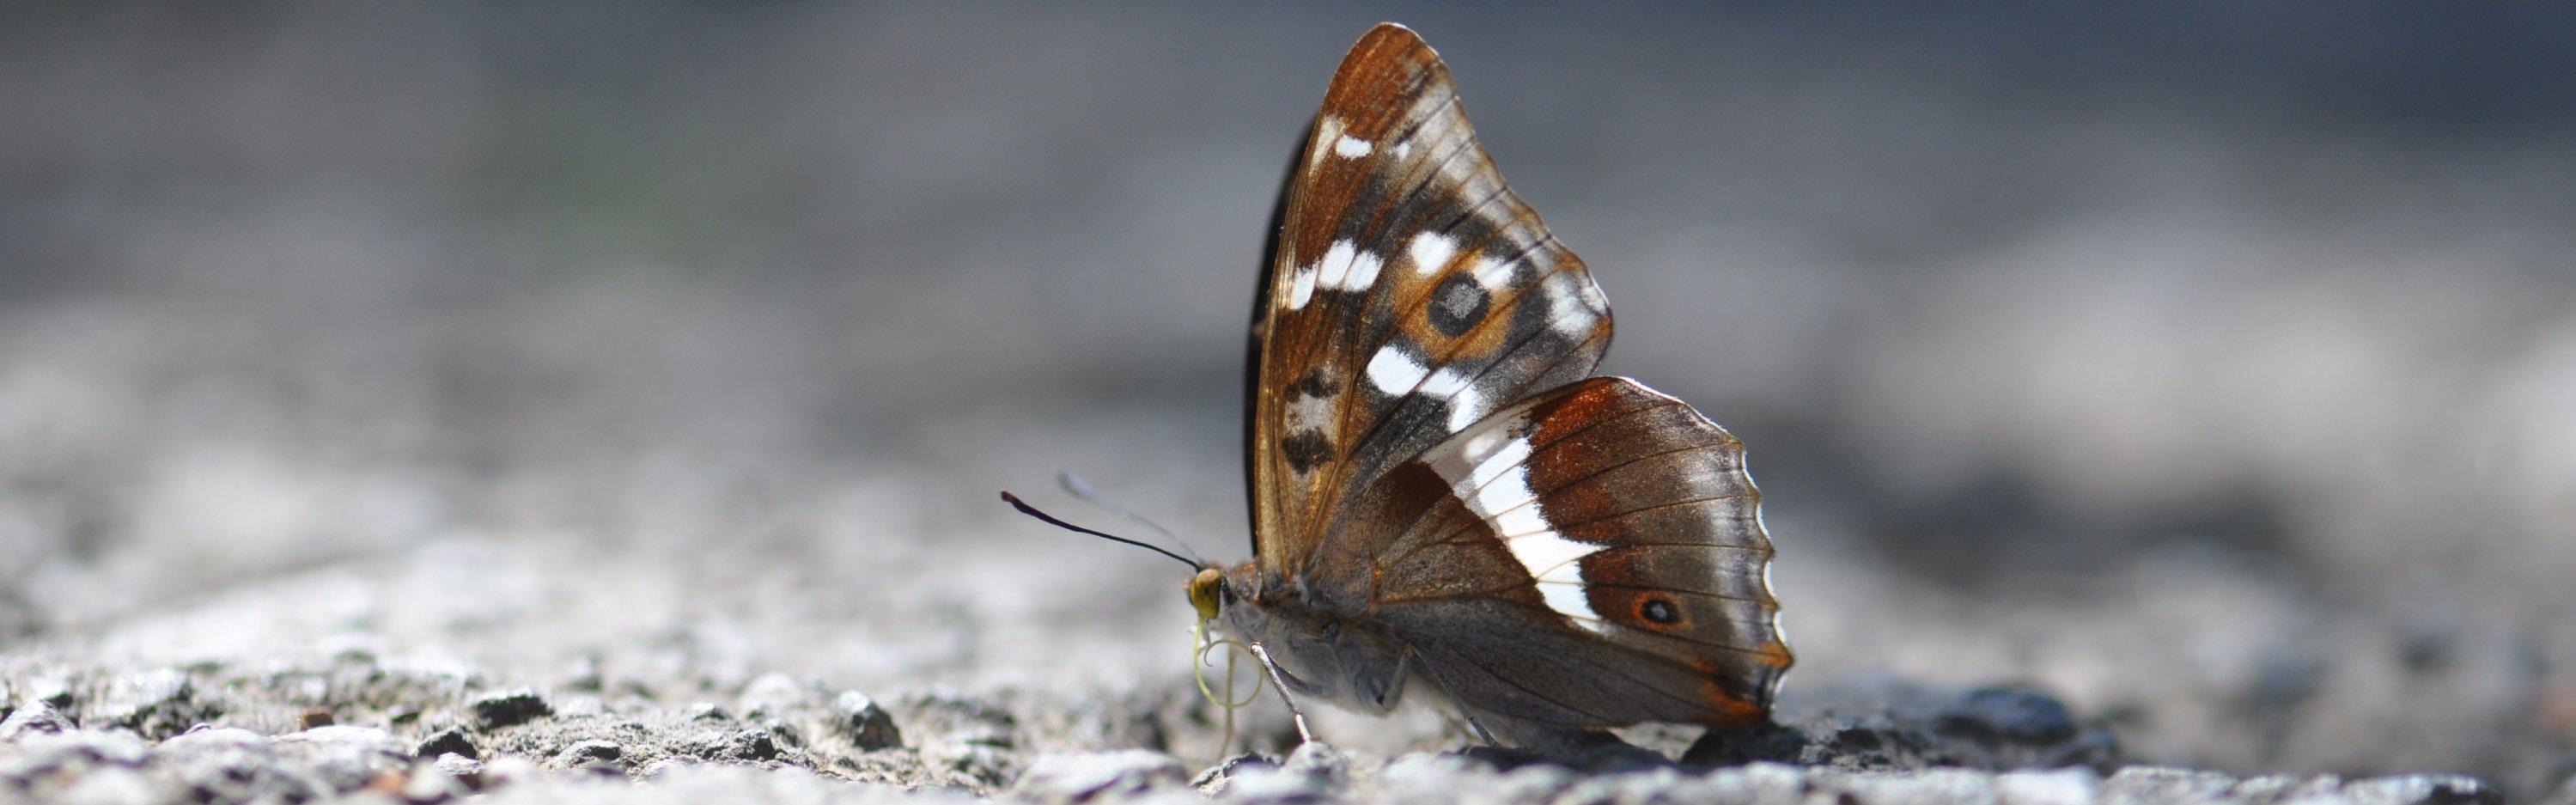 Grote Weerschijnvlinder - Urfttal, Duitsland - Remko Ivens